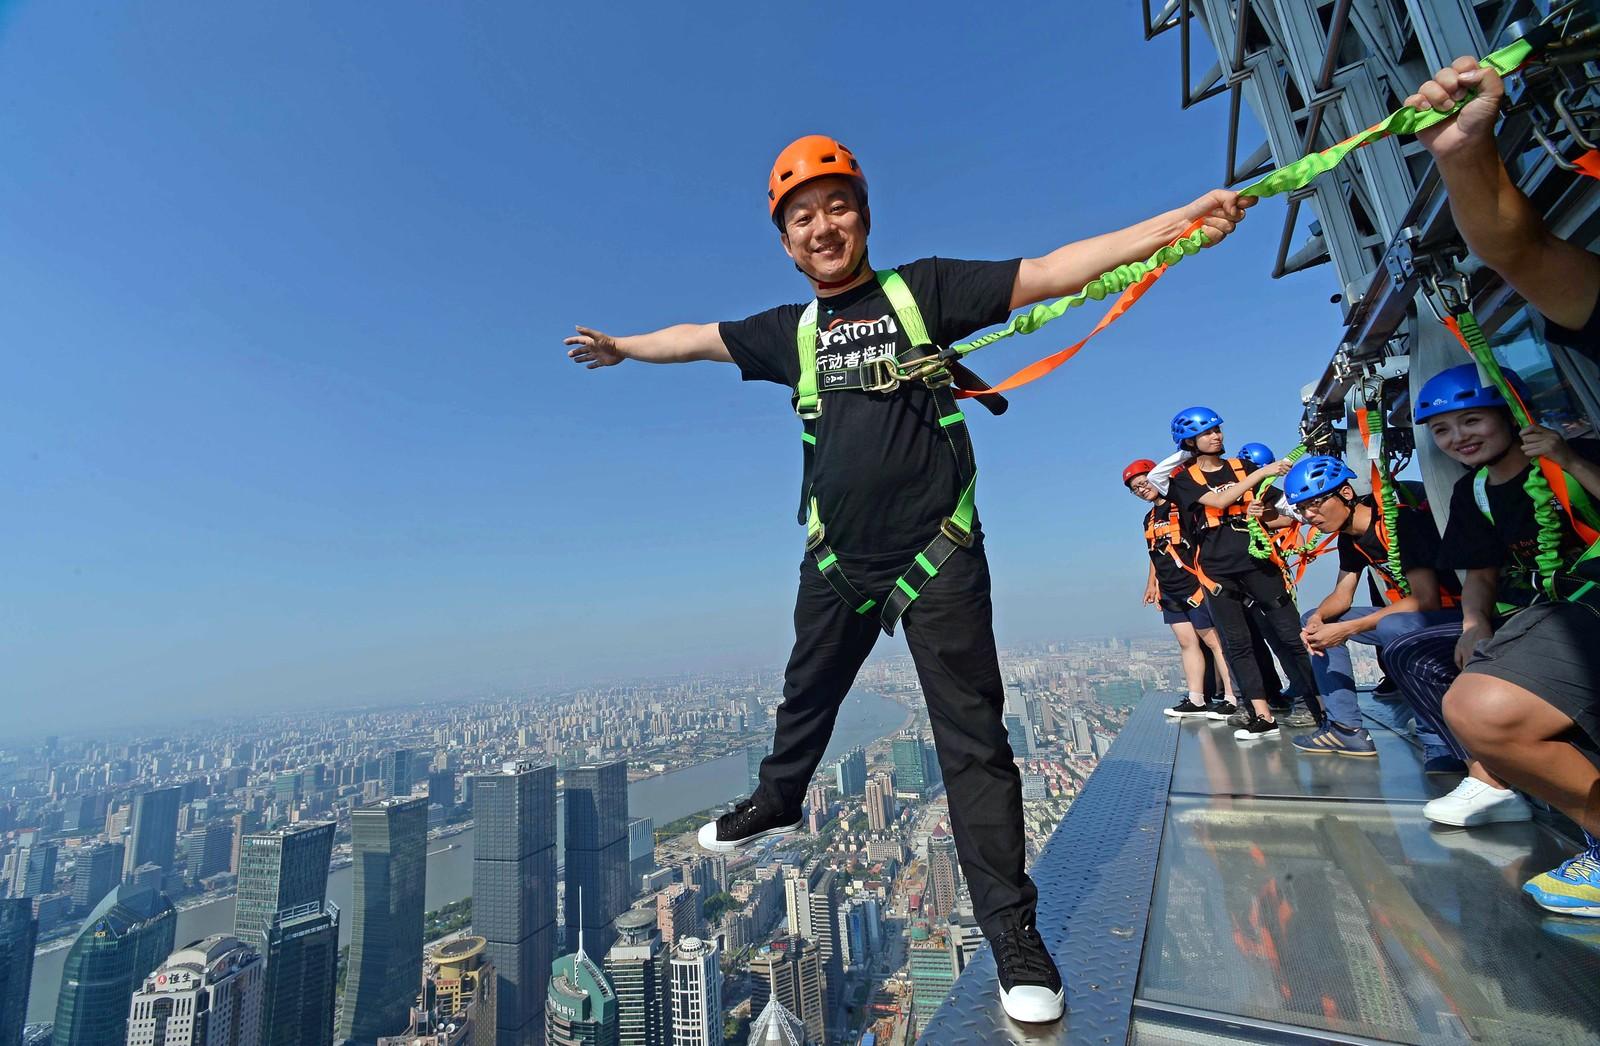 En attraksjon for de uten høydeskrekk. De er på den 88. etasjen på Jin Mao-tårnet i Shanghai, 340 meter over bakken. Bildet er tatt den 25. juli.